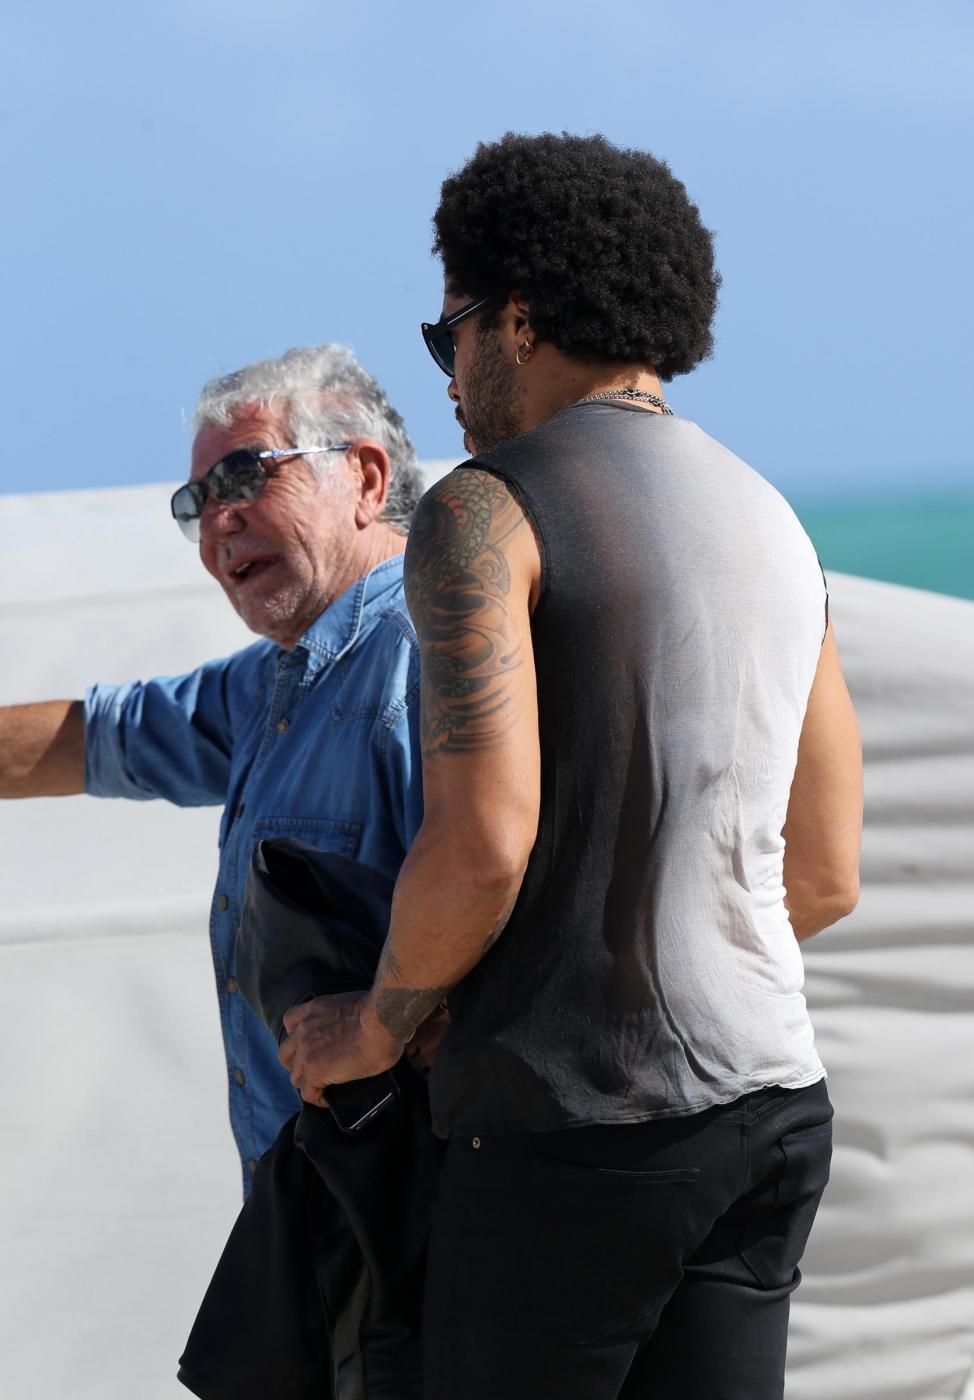 Roberto Cavalli in spiaggia a Miami con Lina Nilson e Lenny Kravitz06